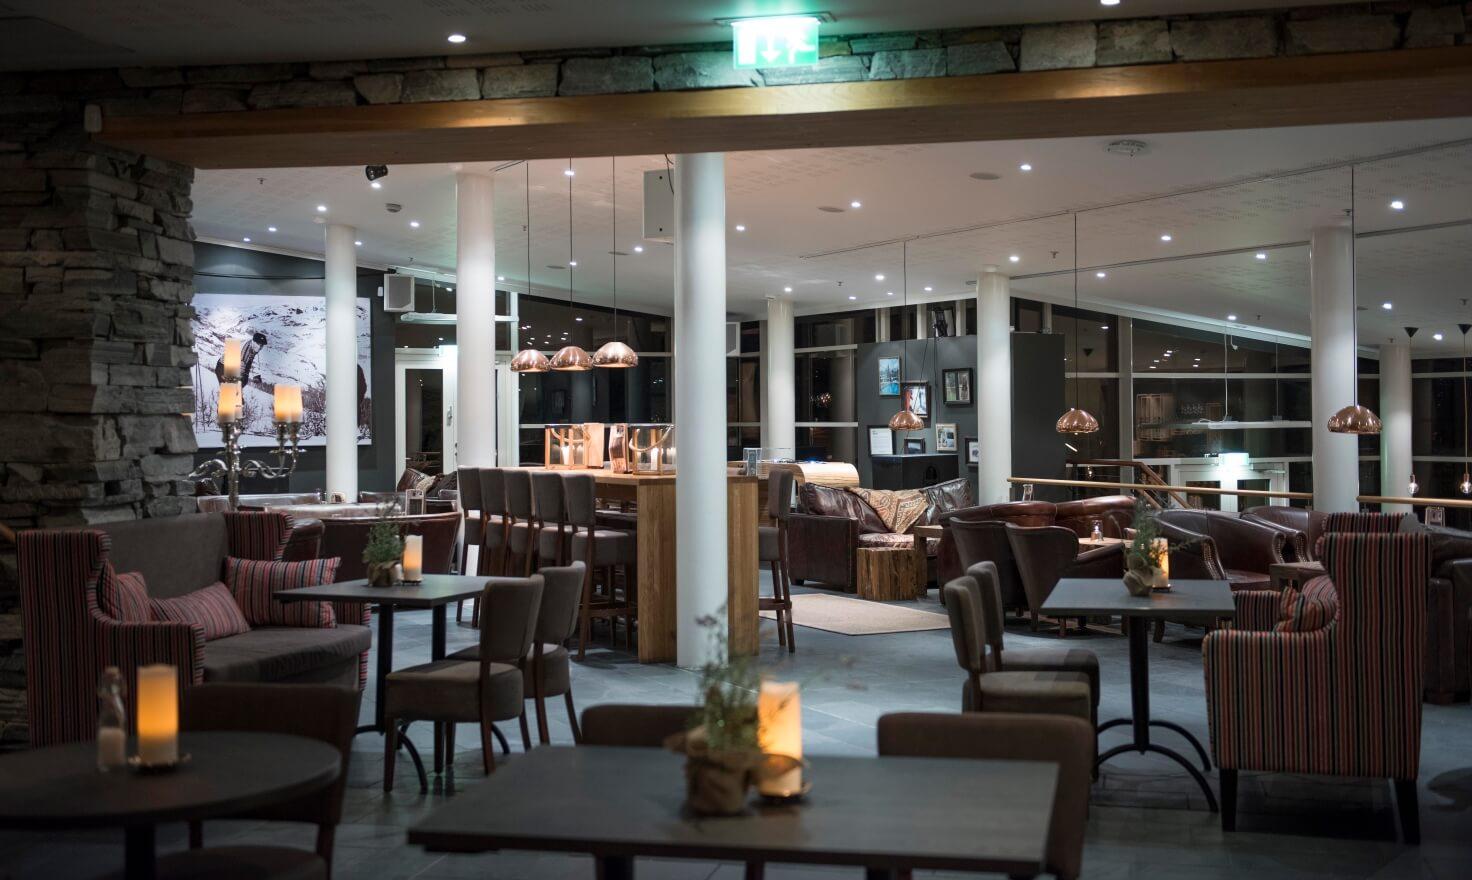 skarsnuten hotell bar og restaurant